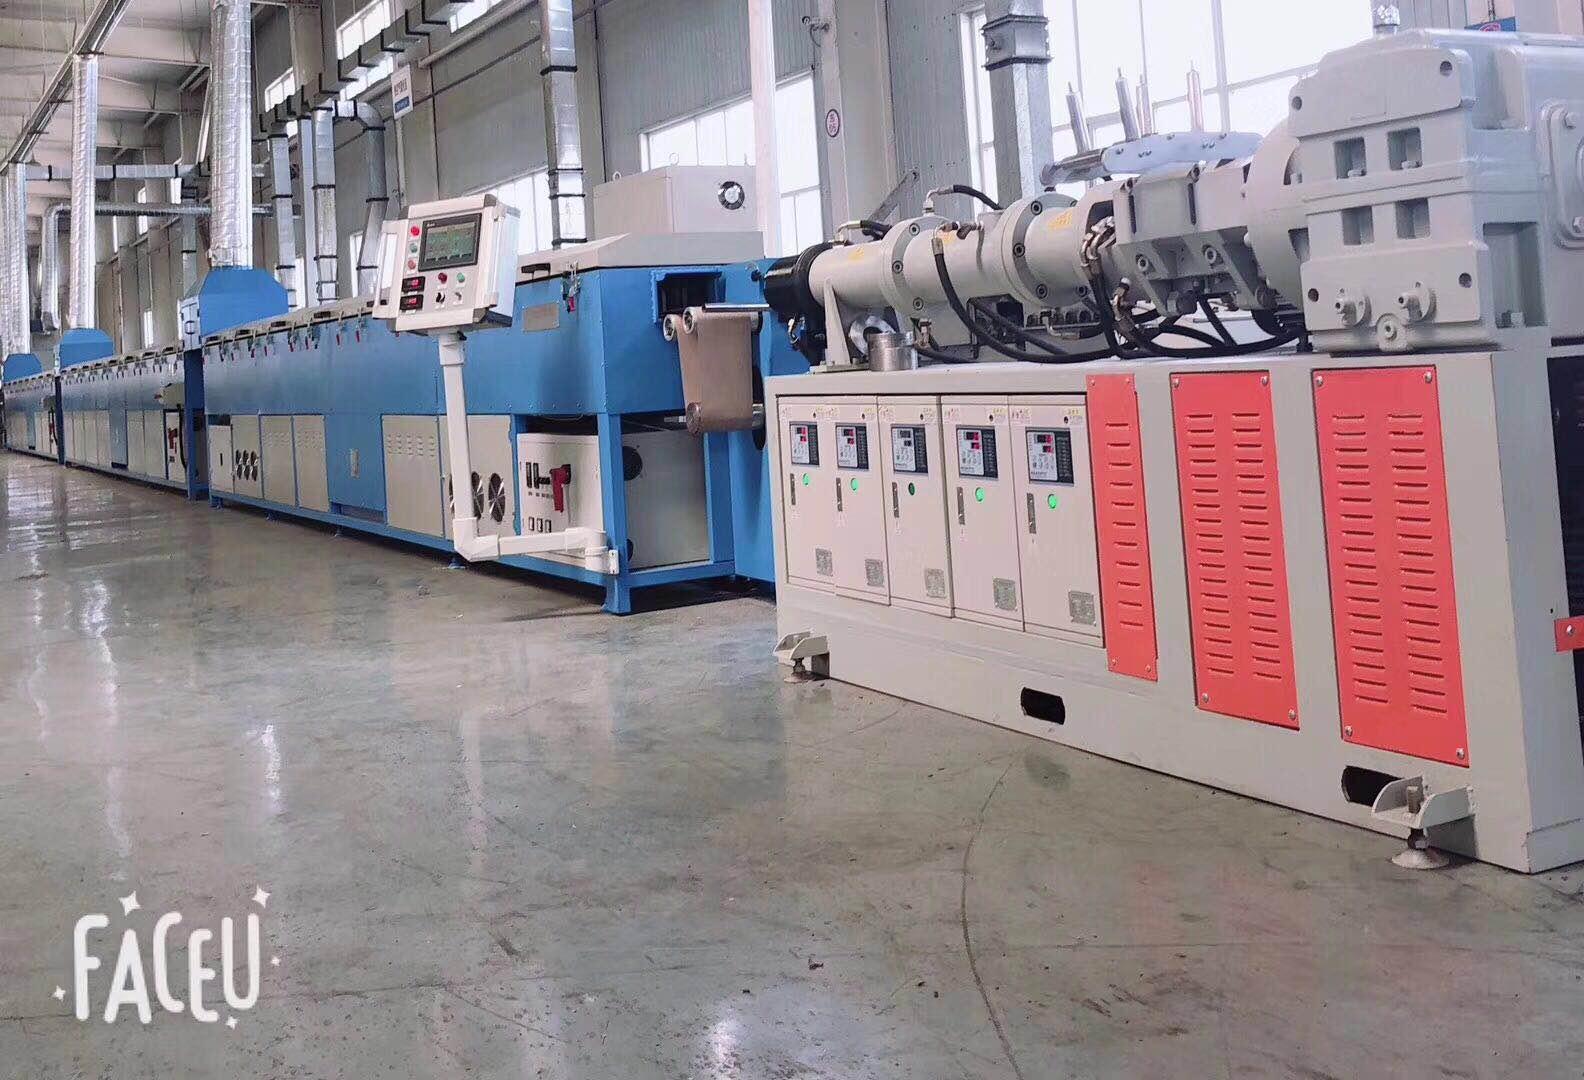 橡胶挤出机,橡胶挤出机选购,厂家提供橡胶挤出机